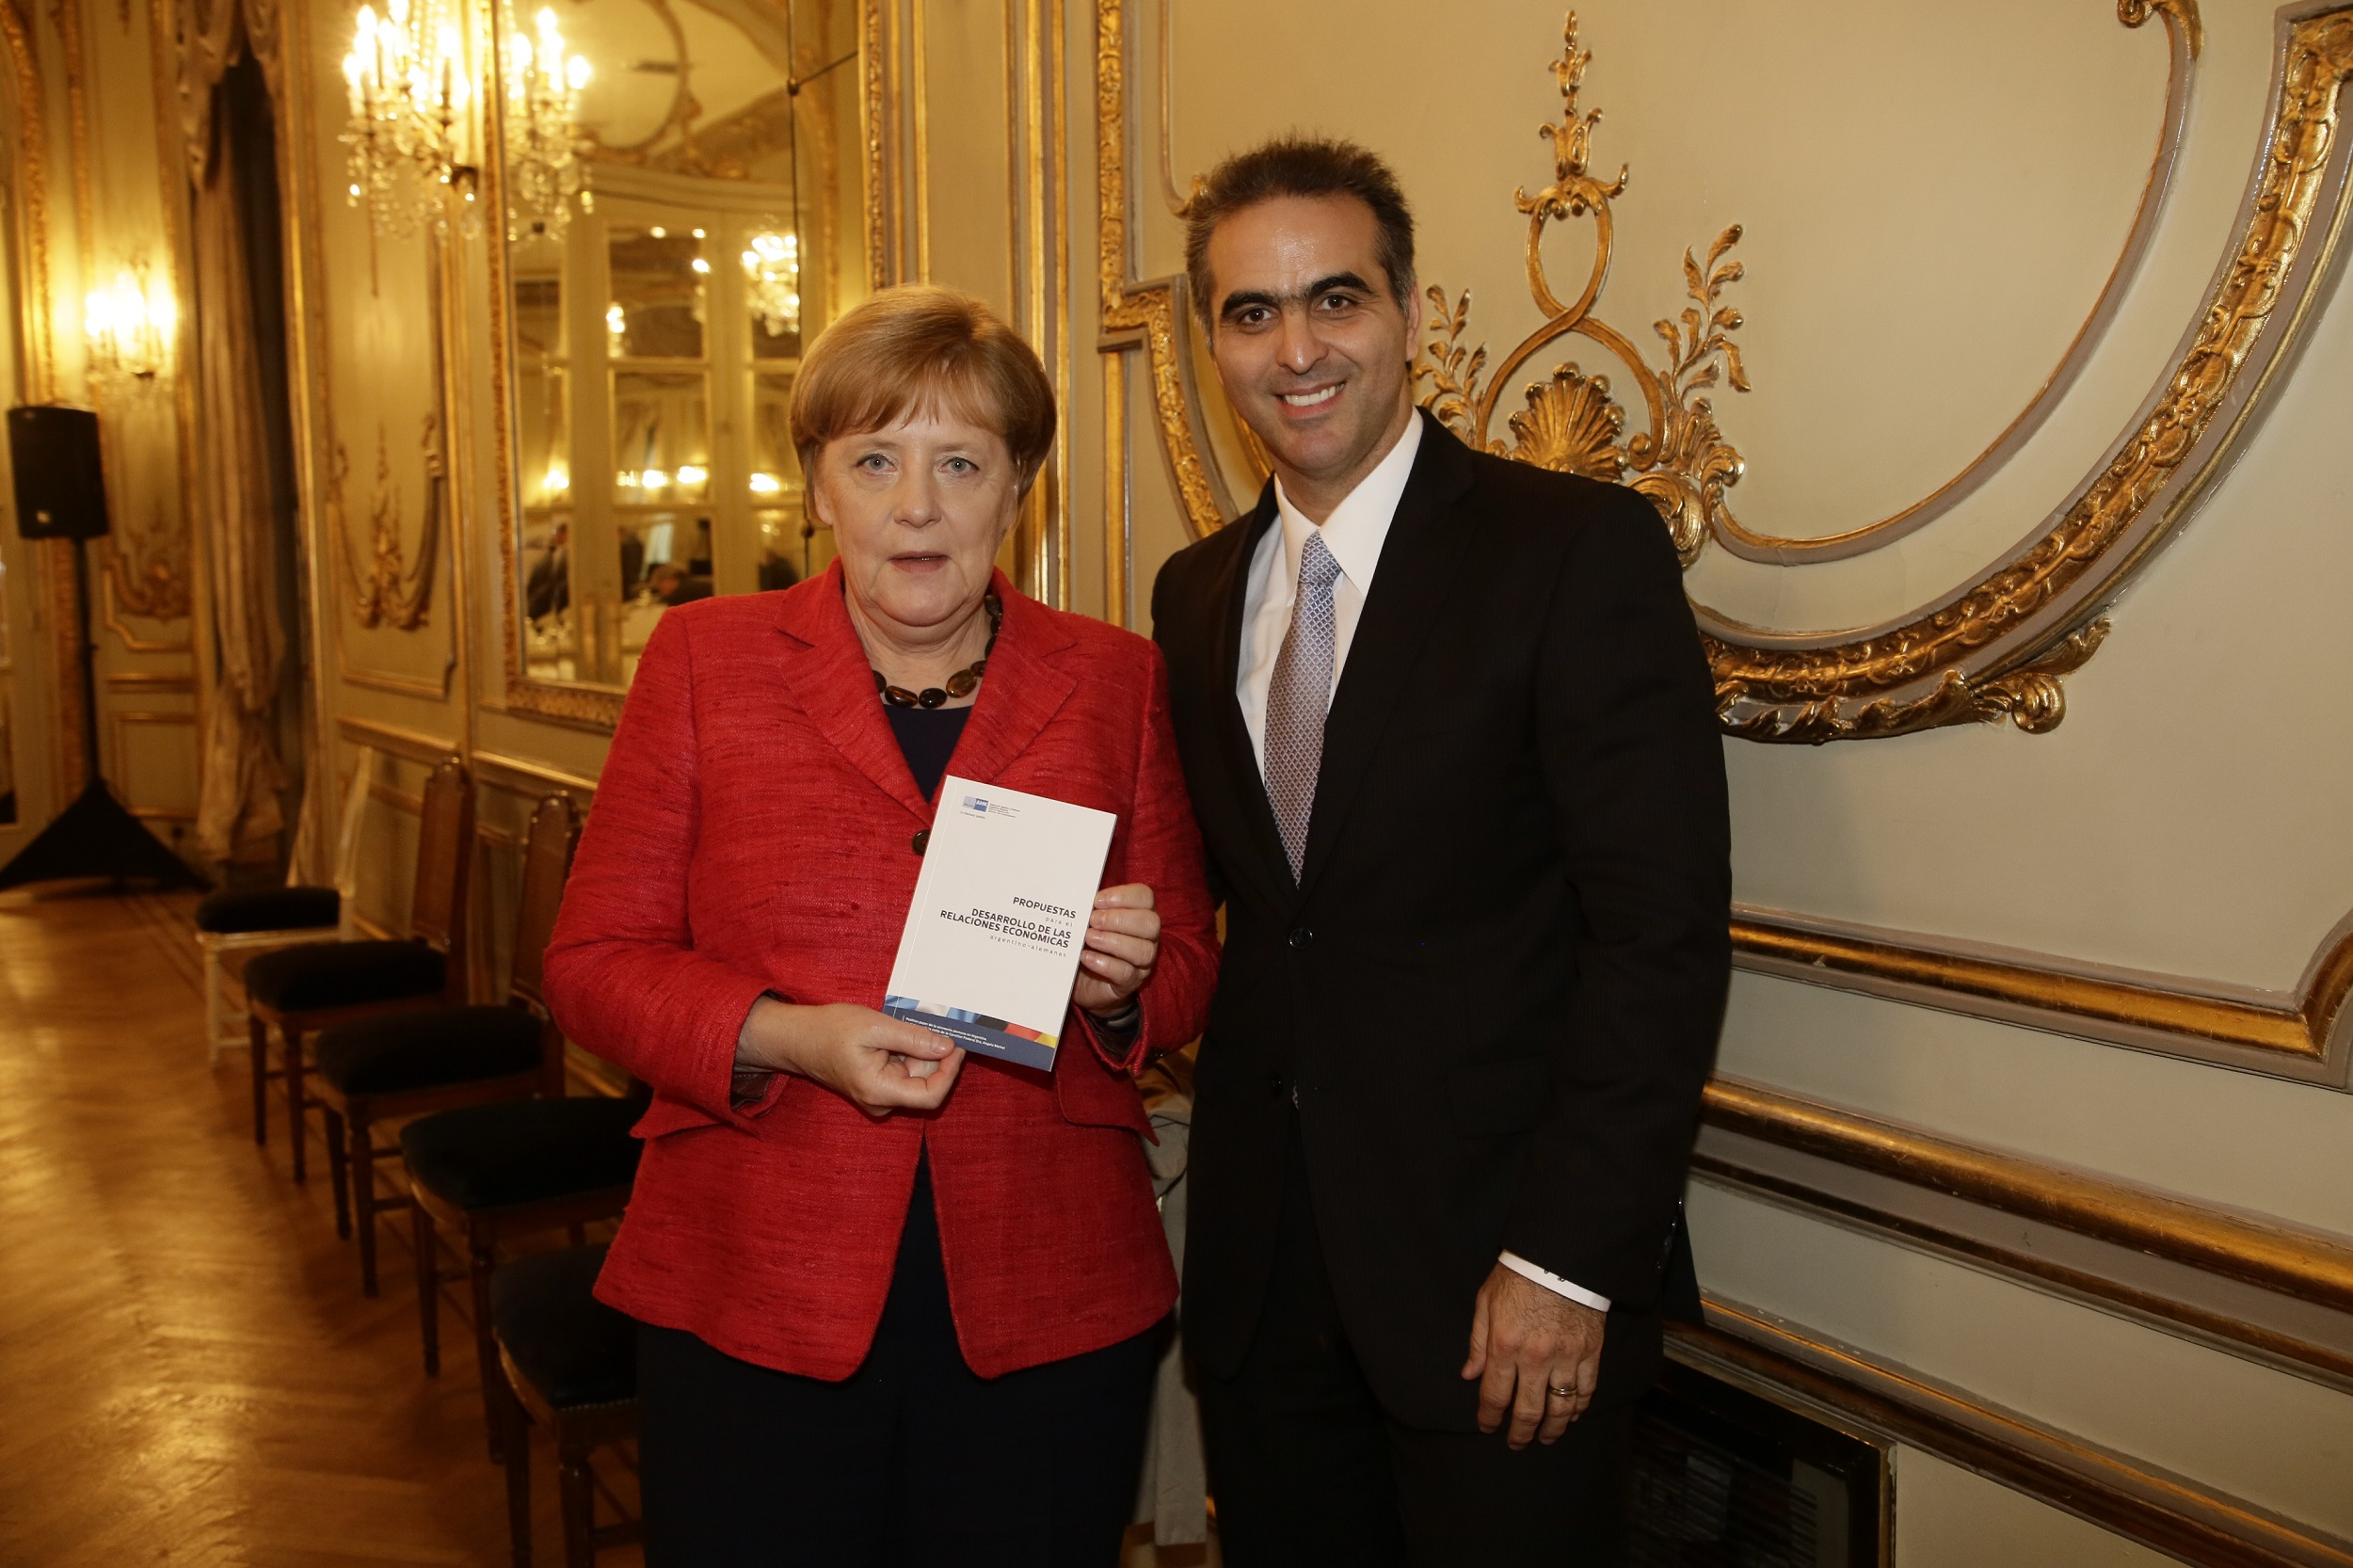 Pablo DiSi (presidente de Volkswagen y AHK en Argentina) junto a la canciller de Alemania Angela Merkel